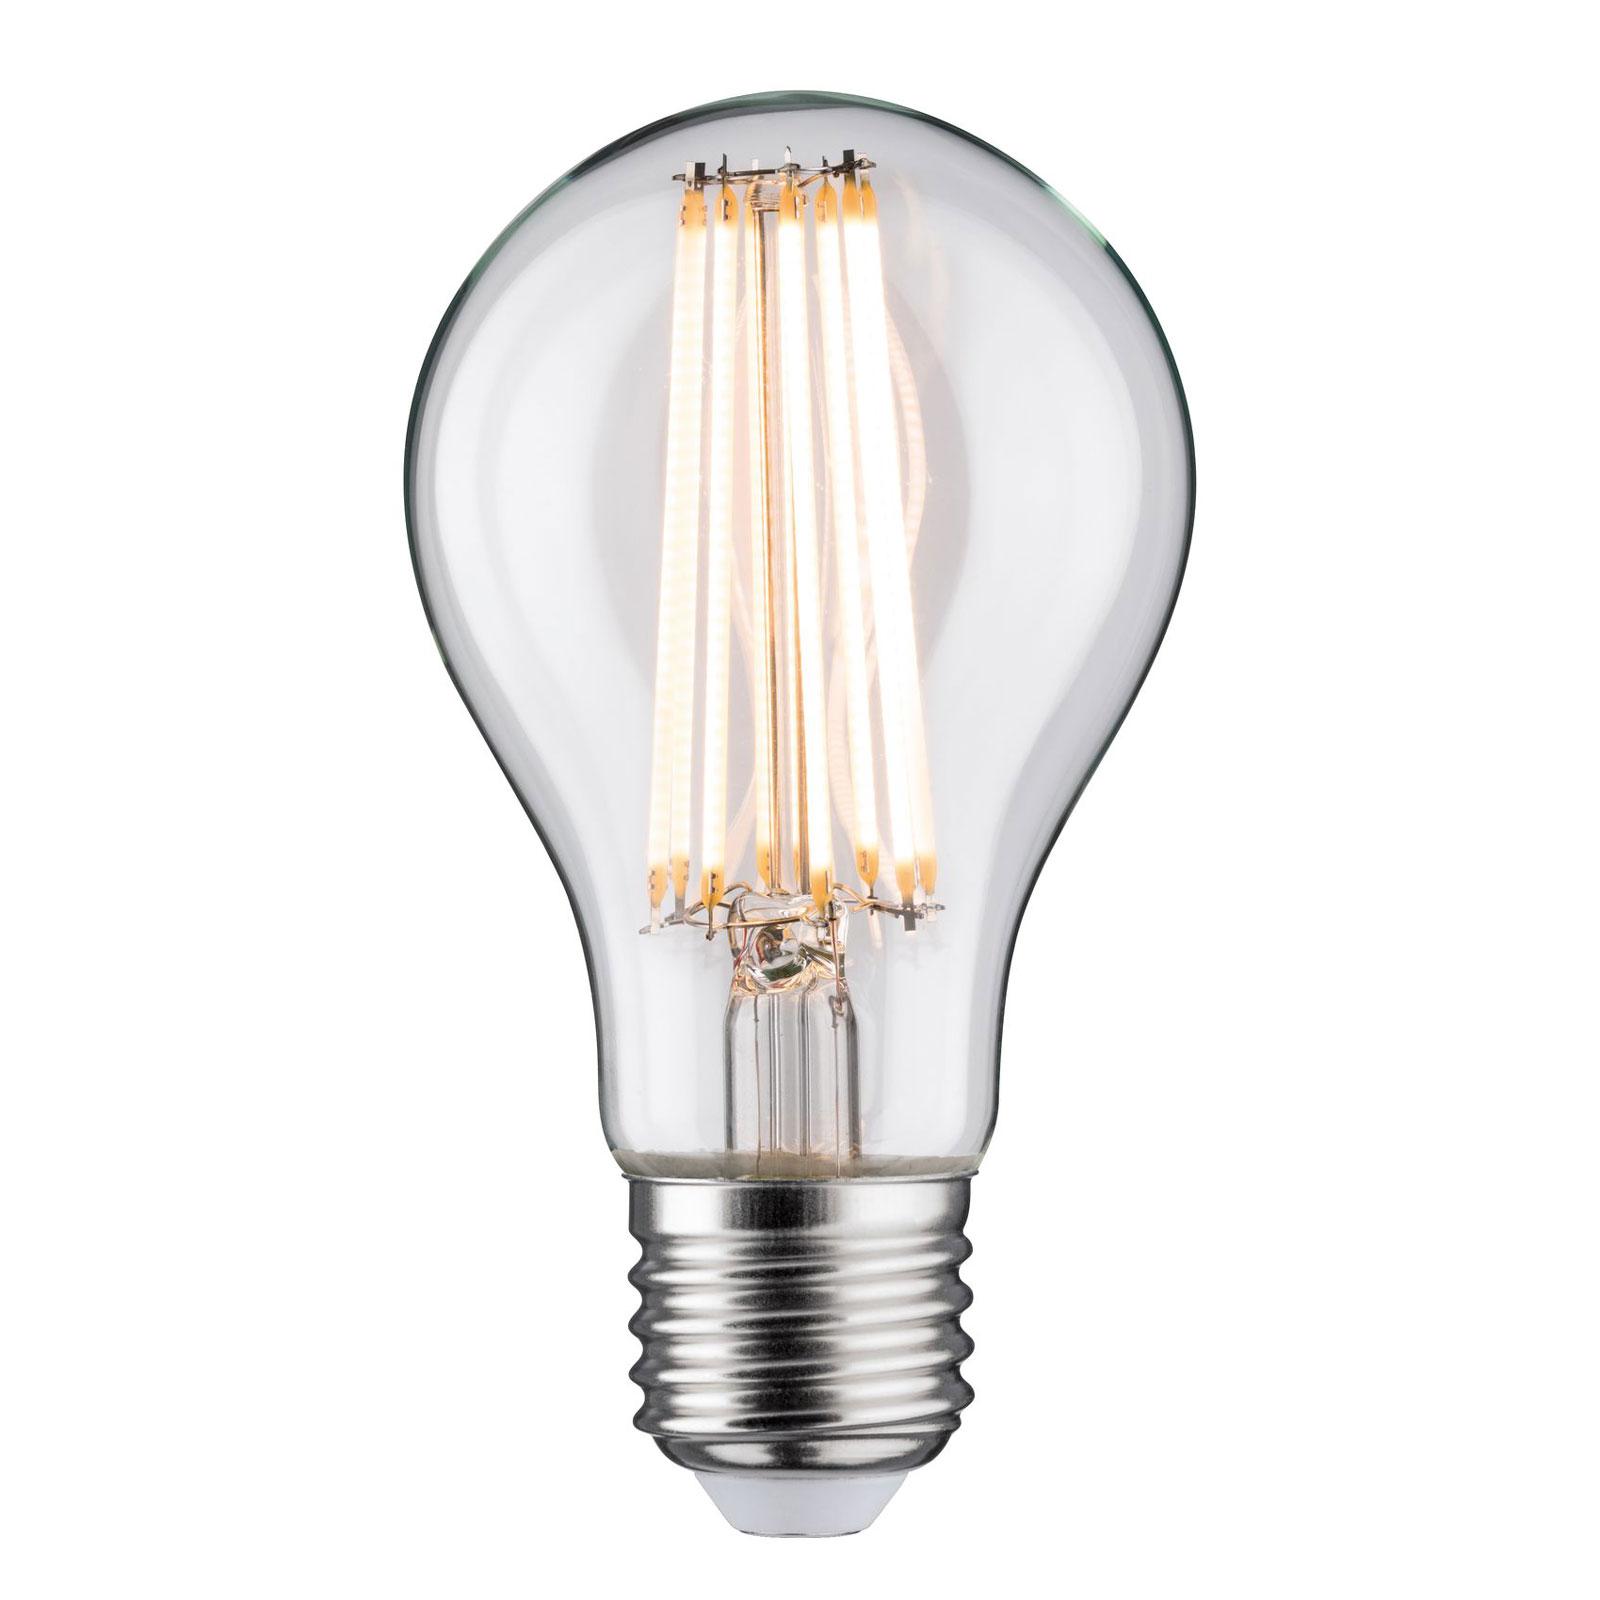 LED-pære E27 11,5 W Filament 2700K, klar